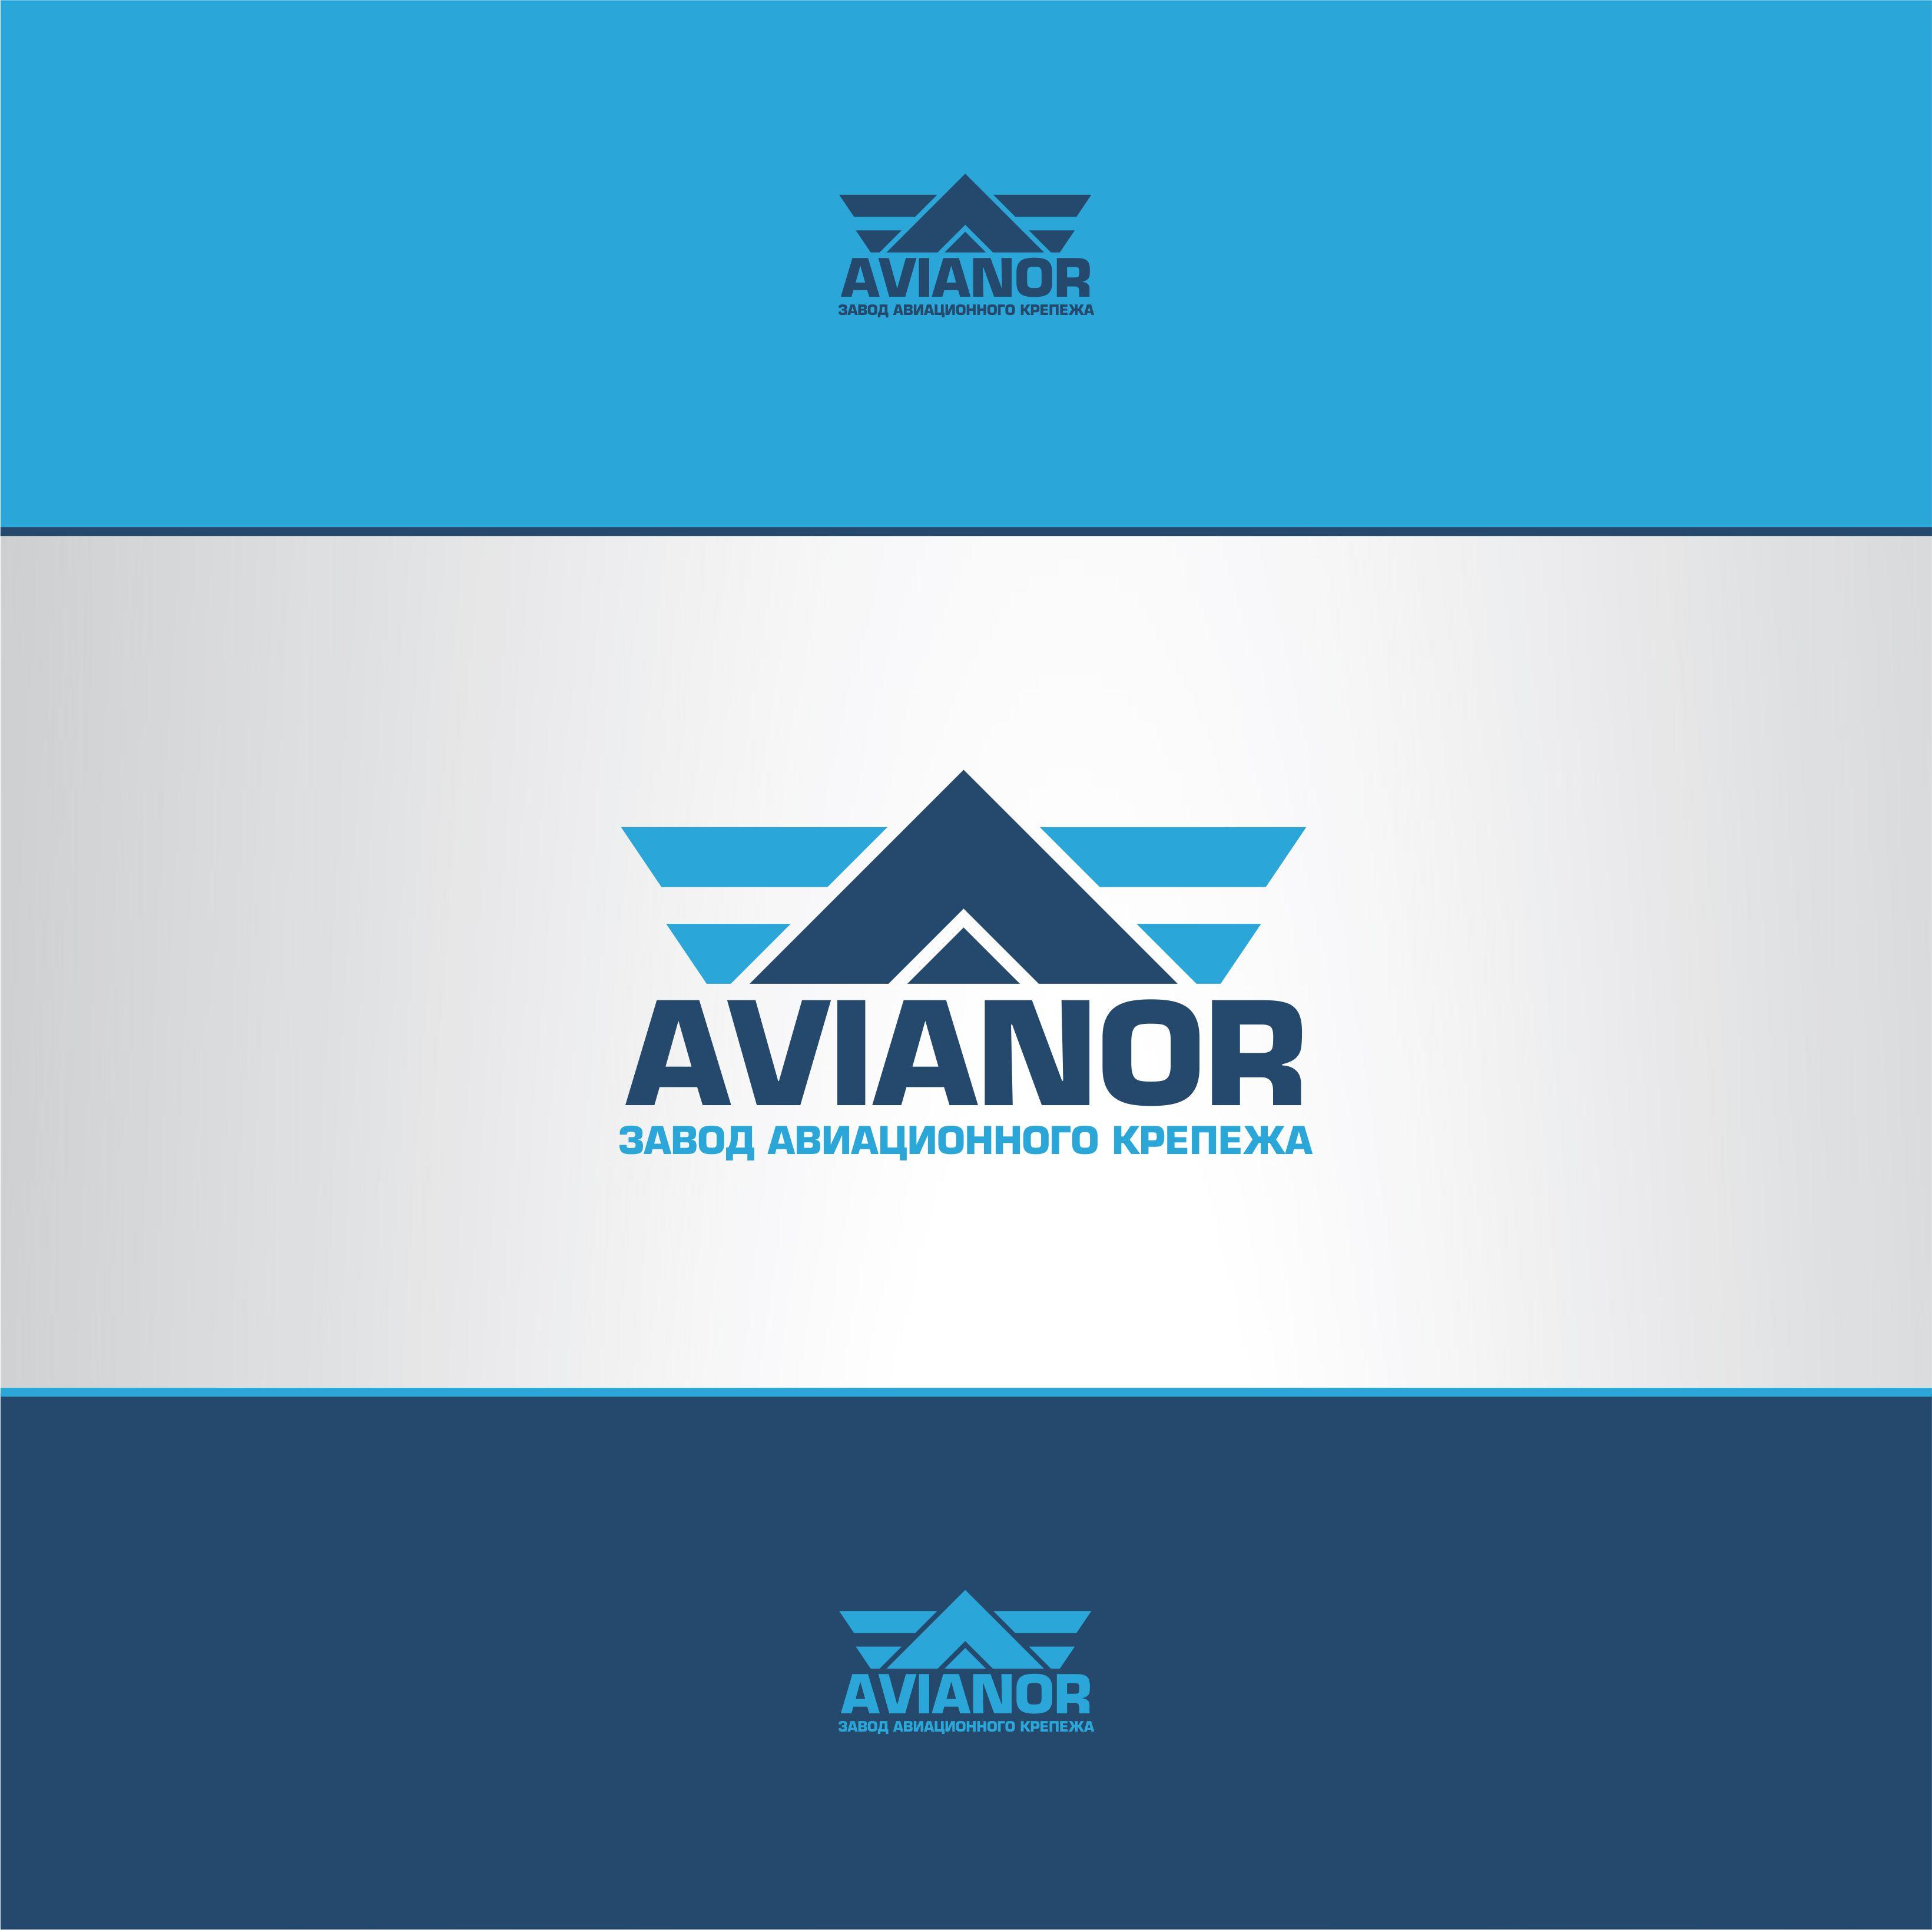 Нужен логотип и фирменный стиль для завода фото f_6035293313382f18.jpg